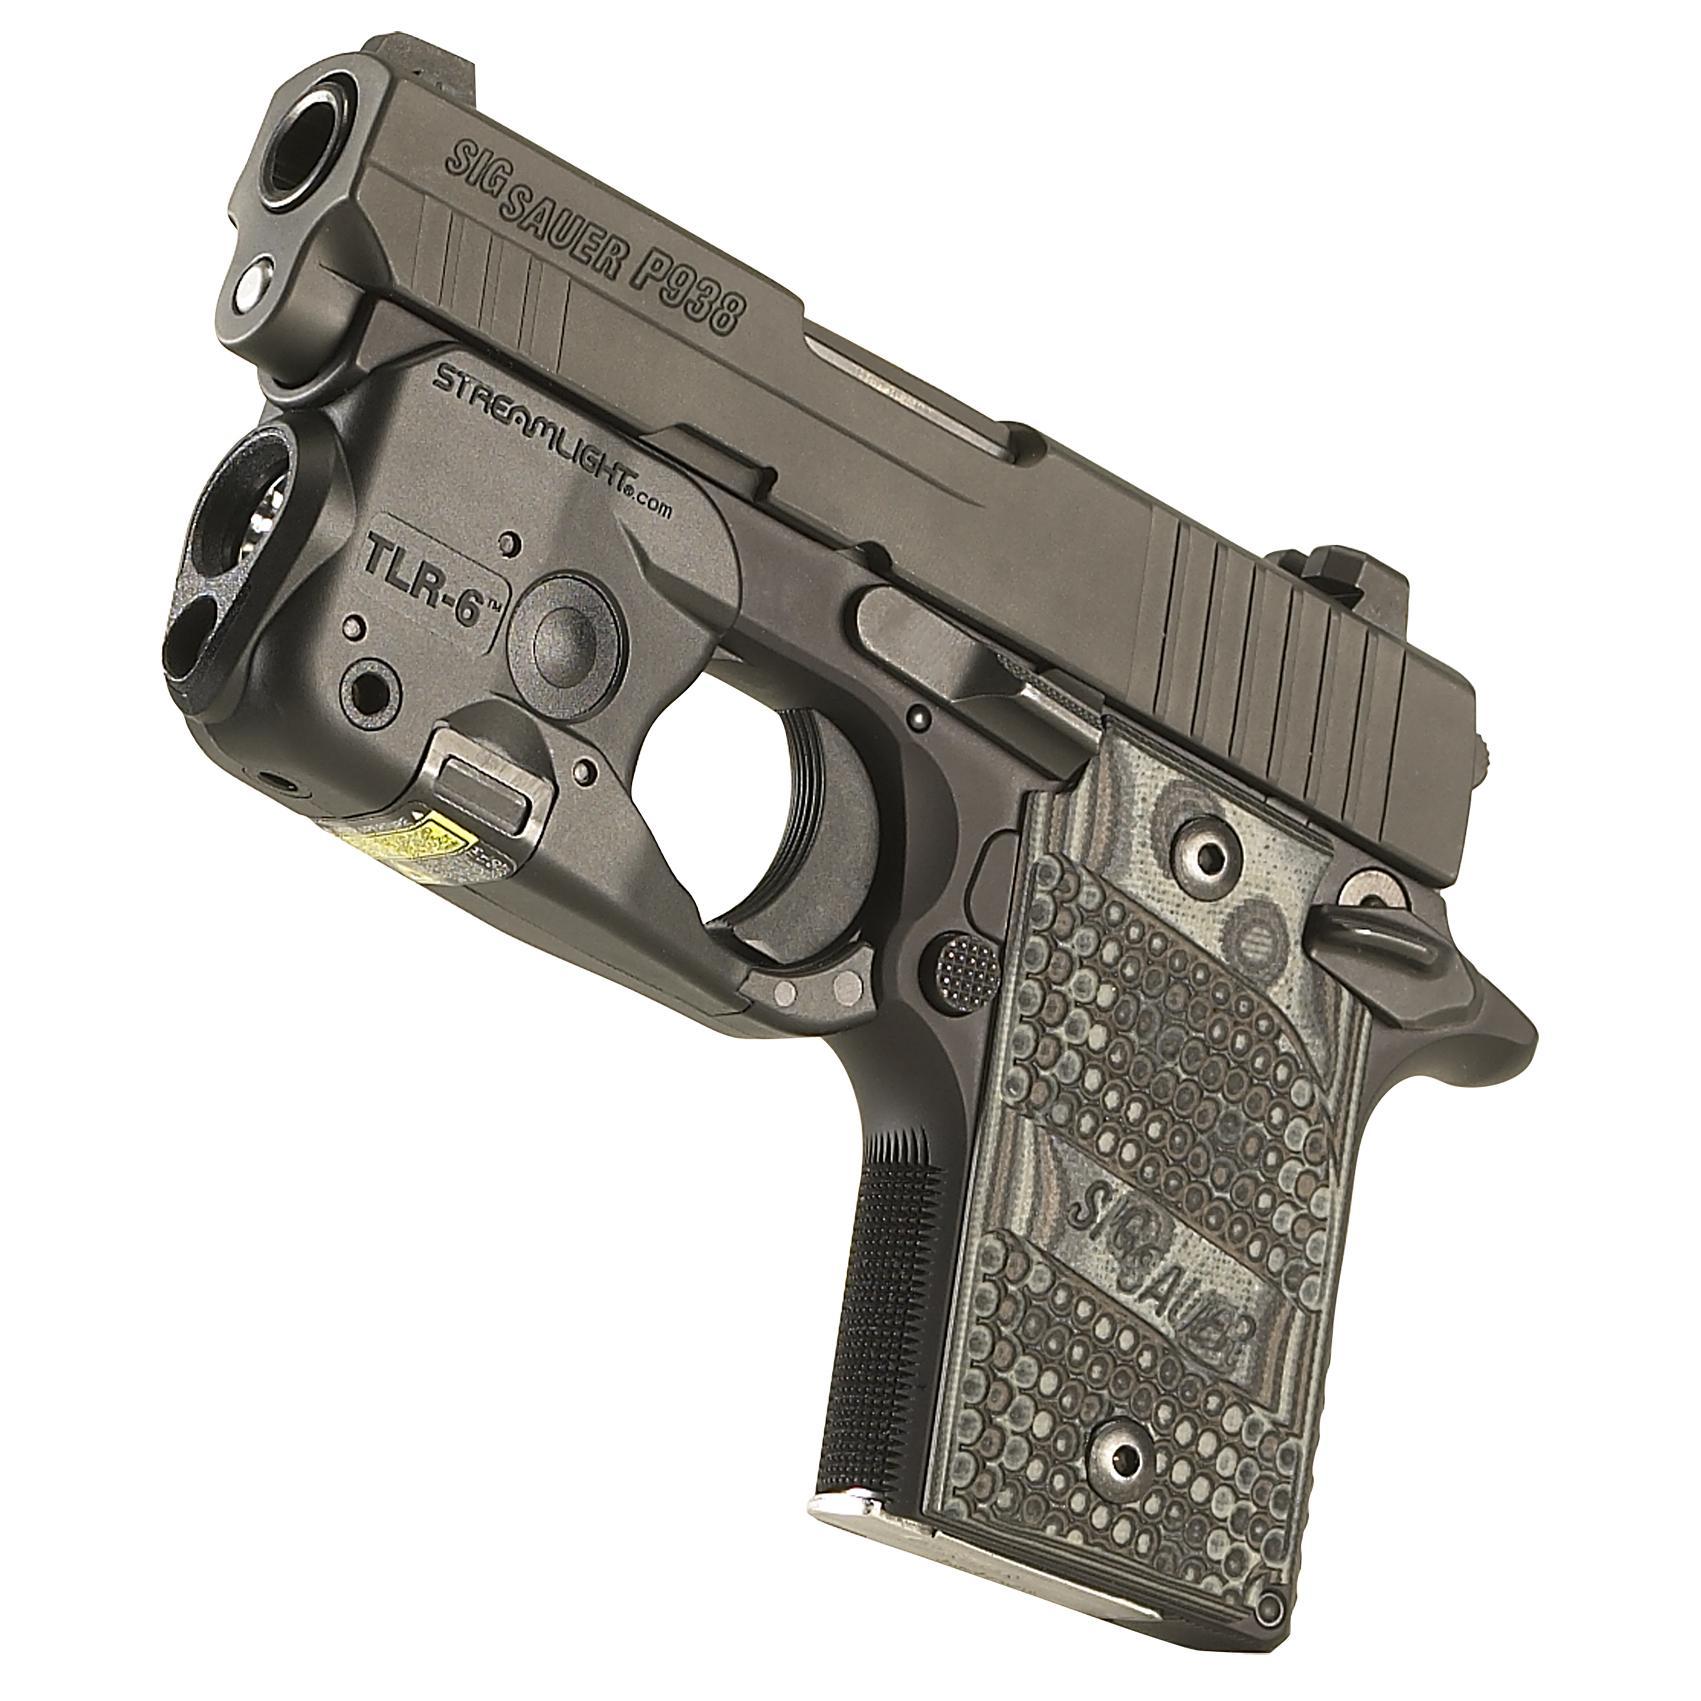 Streamlight 69275 Tlr 6 Tactical Pistol Mount Flashlight